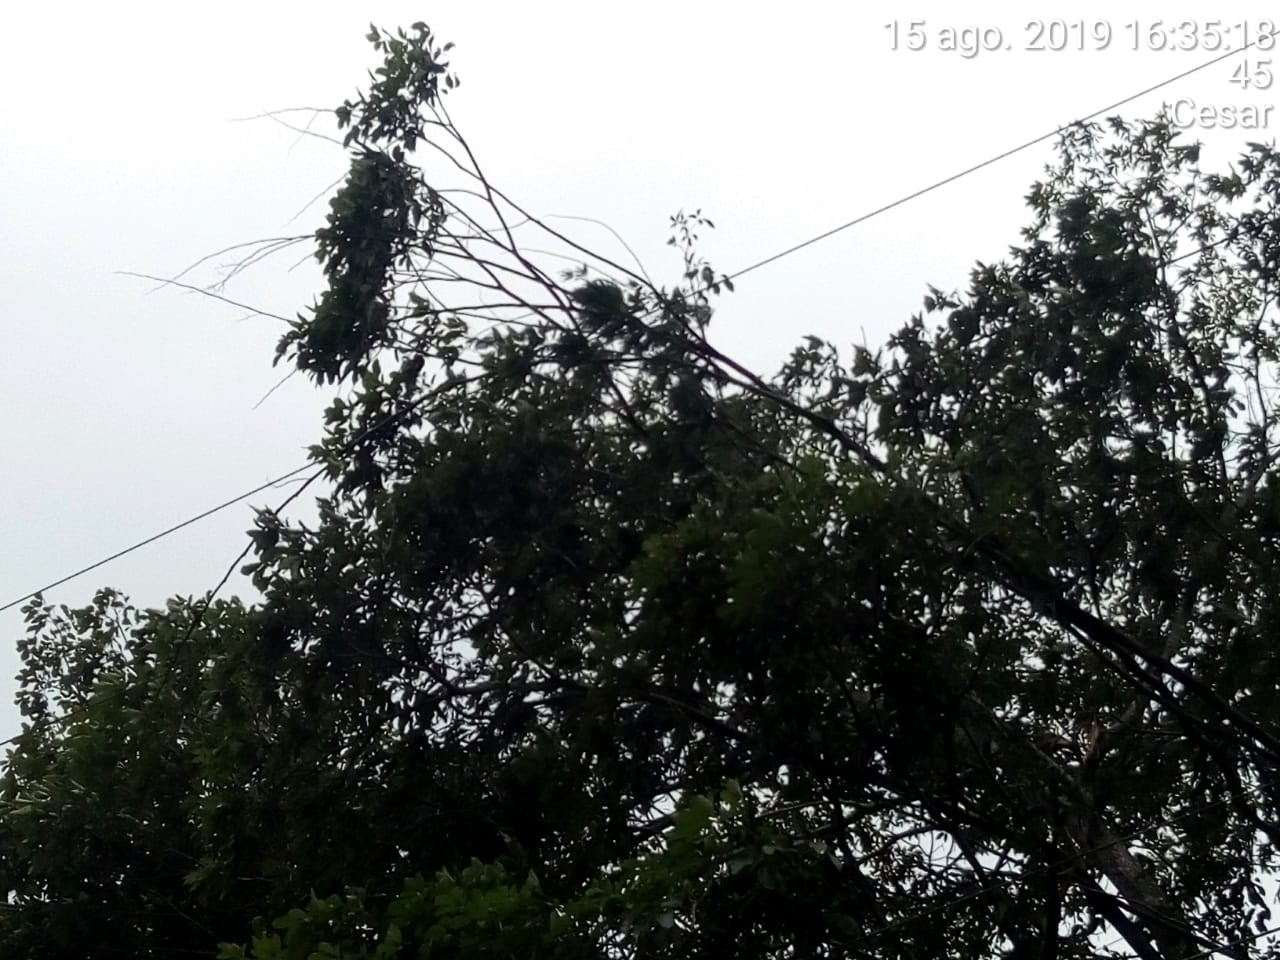 Vendaval afectó servicio de energía en varios municipios del Cesar